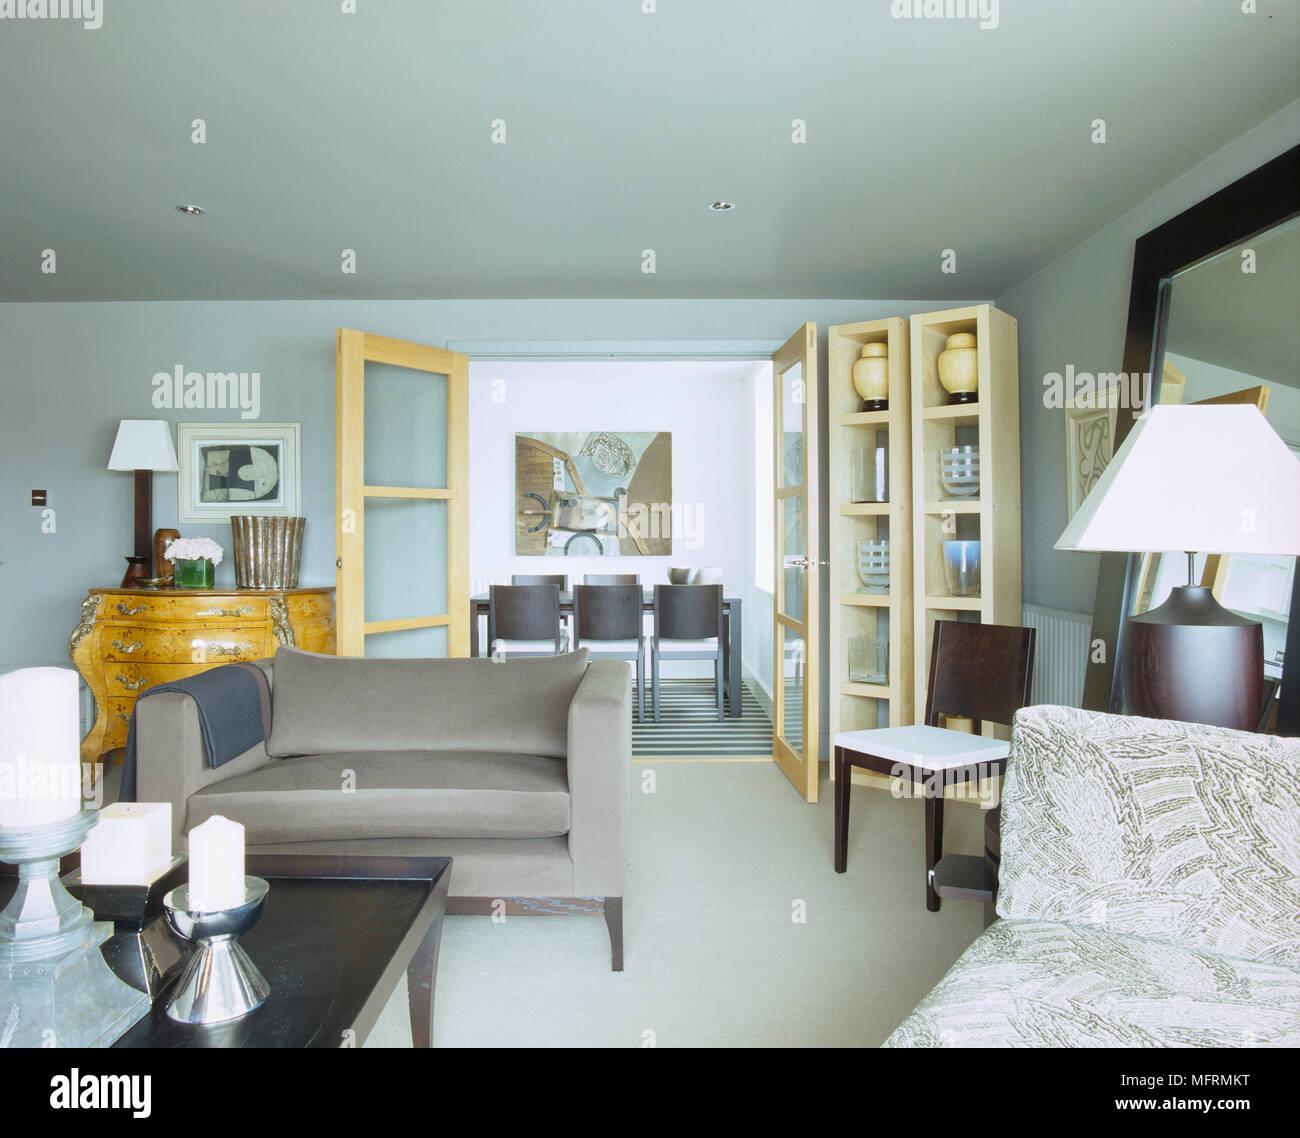 Ein modernes Wohnzimmer mit gepolsterten Sofa schwarz Holz ...